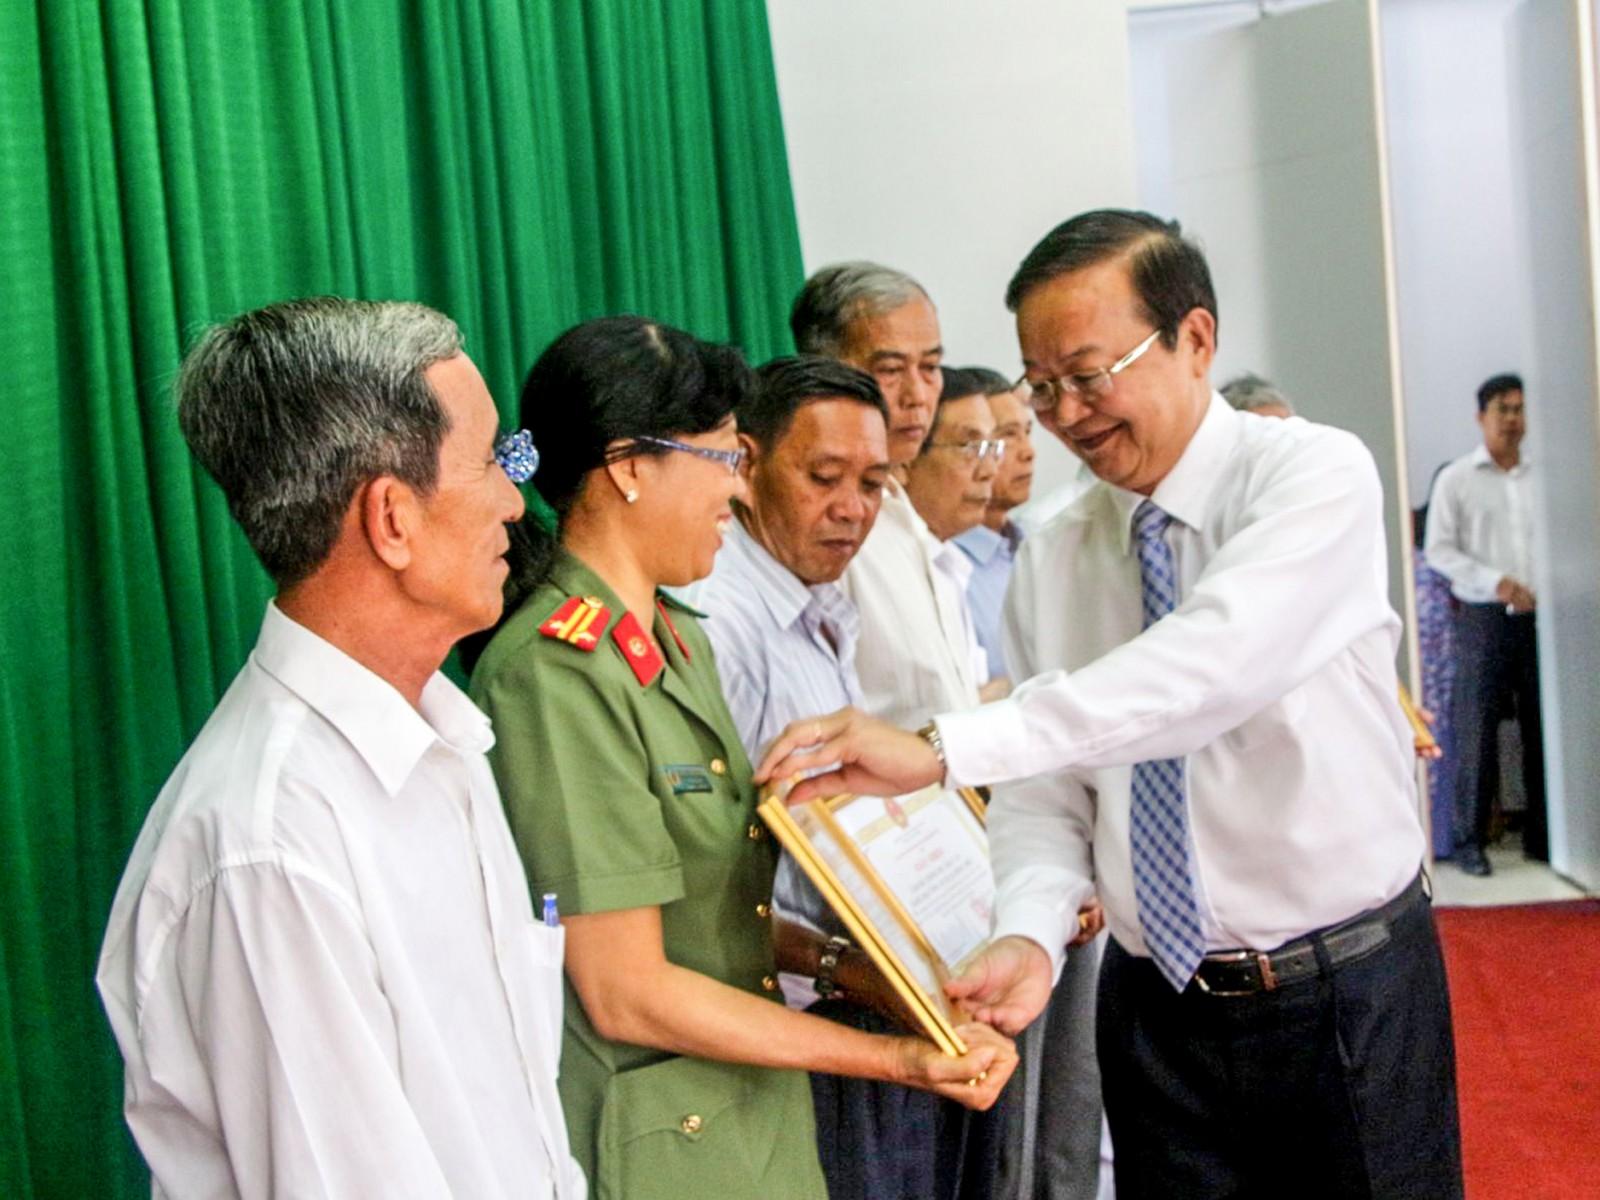 Nhiều tập thể và cá nhân có thành tích tiêu biểu trong thực hiện Chỉ thị 05 được UBND quận Bình Thủy tặng Giấy khen.